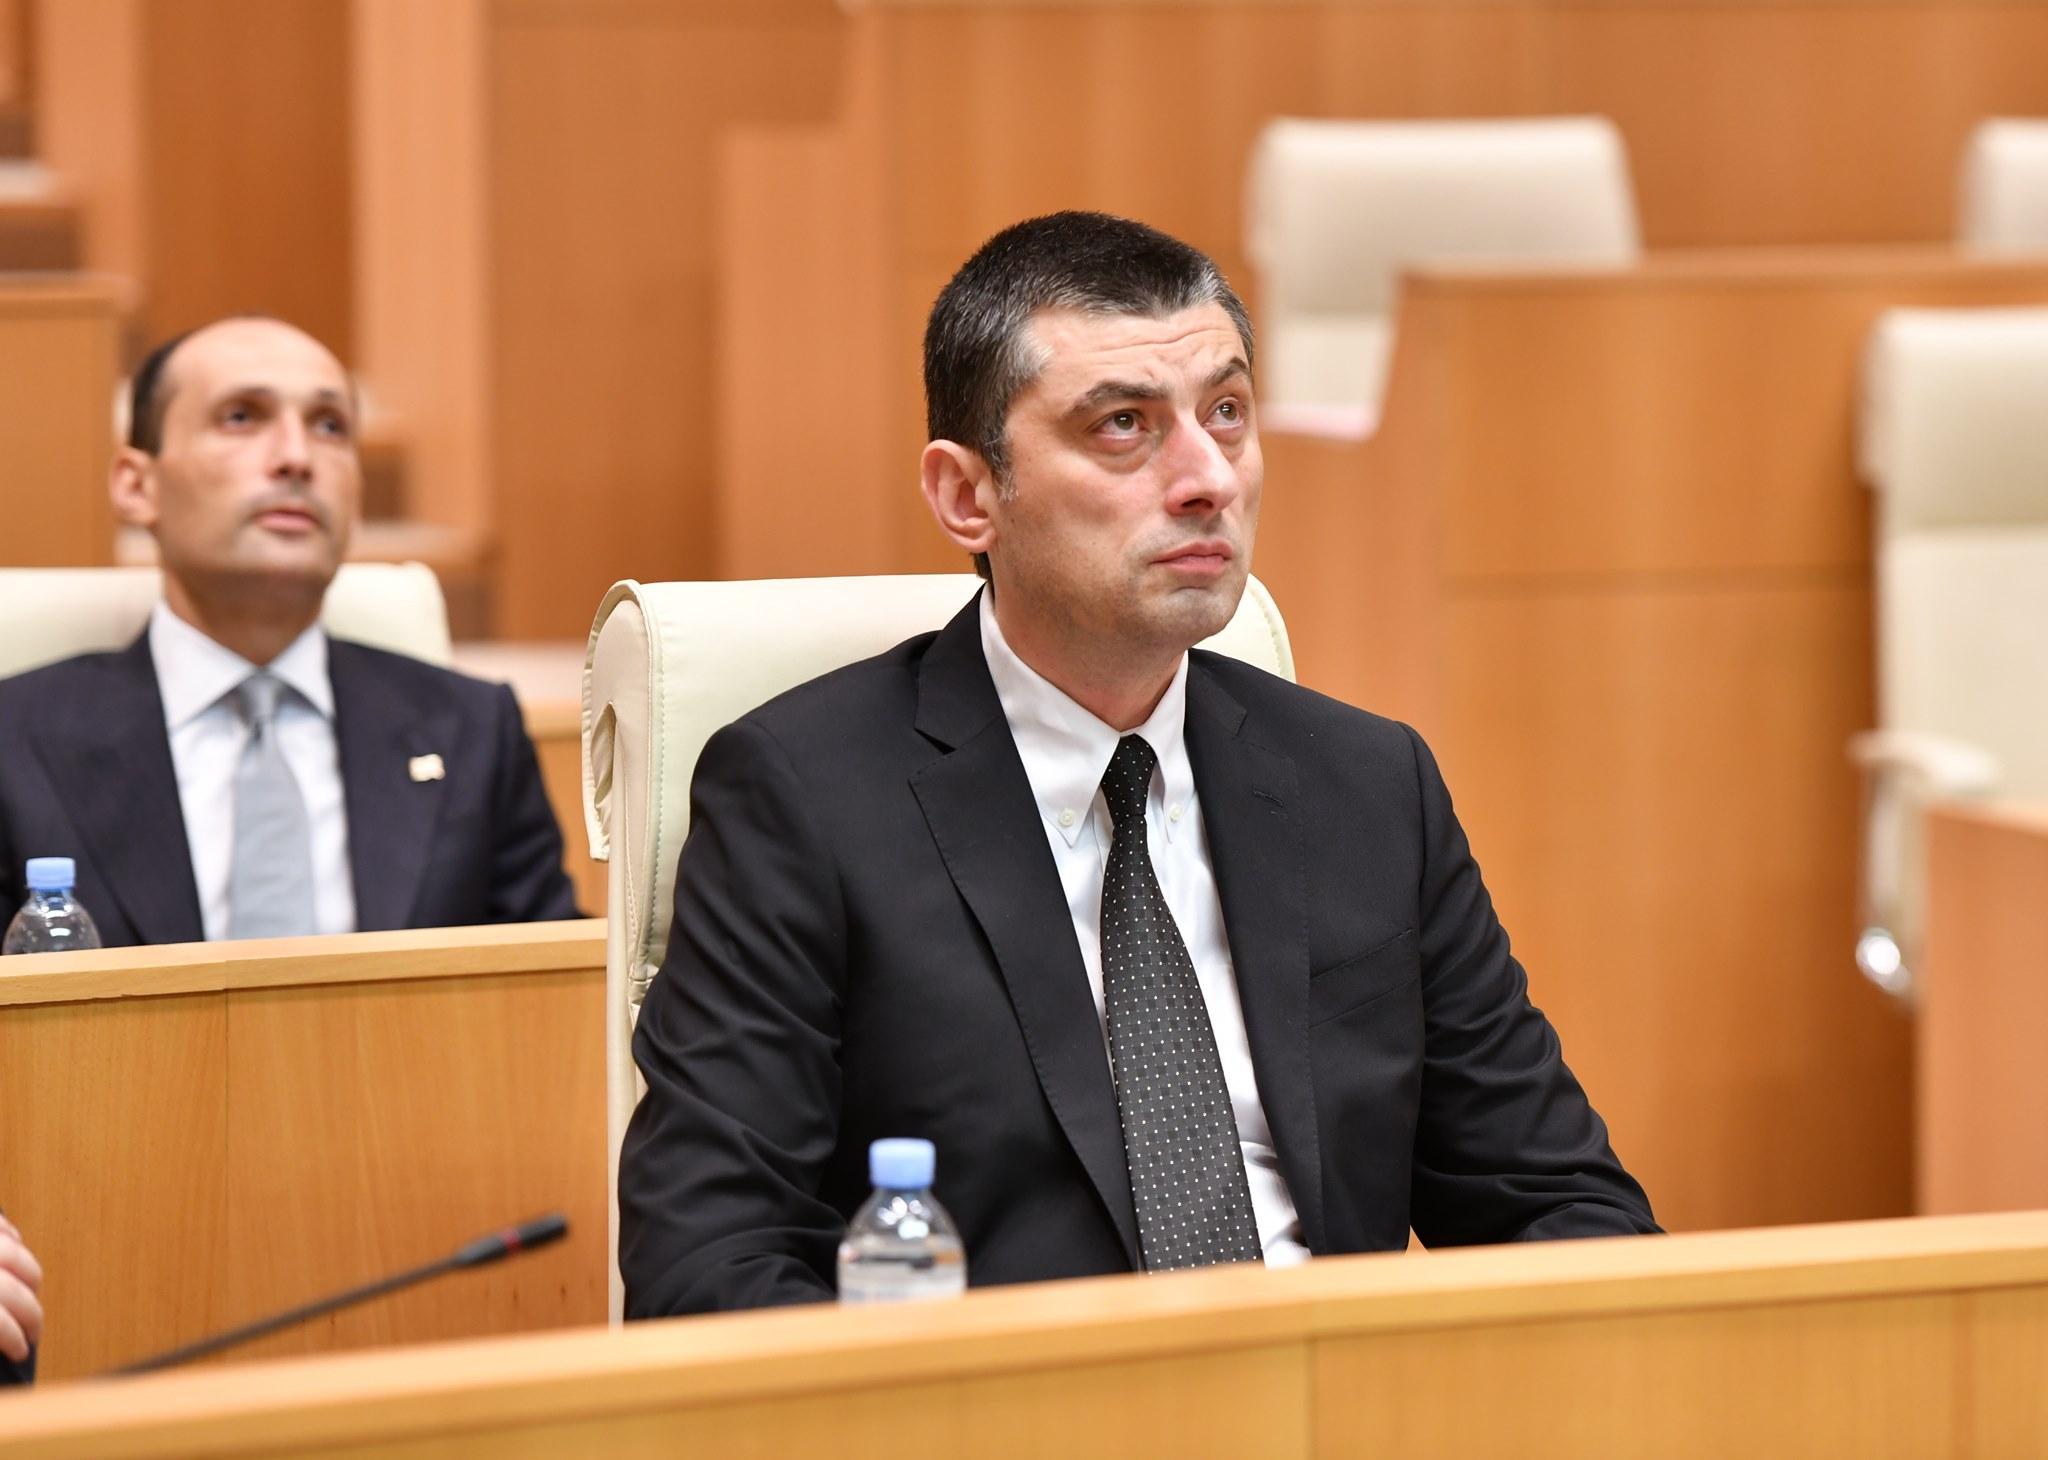 Giorgi Gakharia 17 #новости featured, вотум доверия, Георгий Гахария, парламент Грузии, правительство Грузии